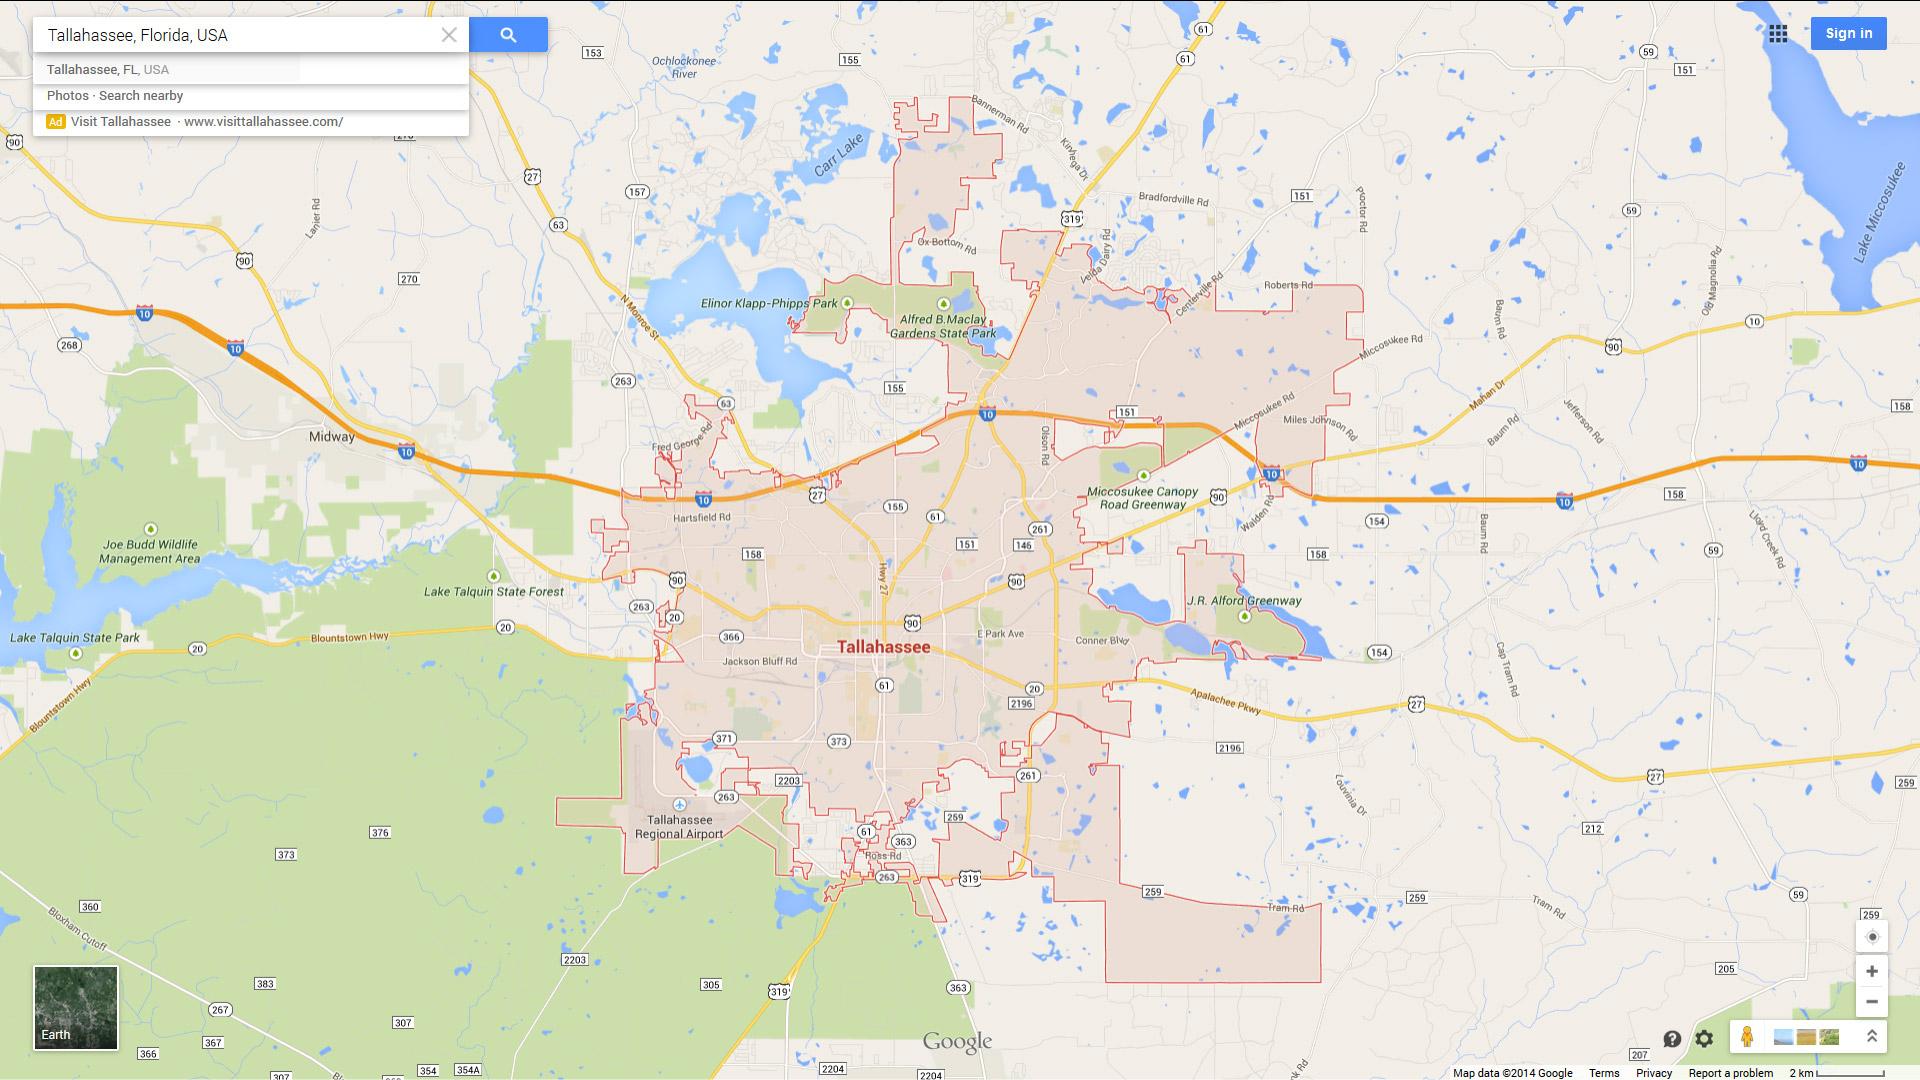 Tallahassee, Florida Map - Google Maps Tallahassee Florida